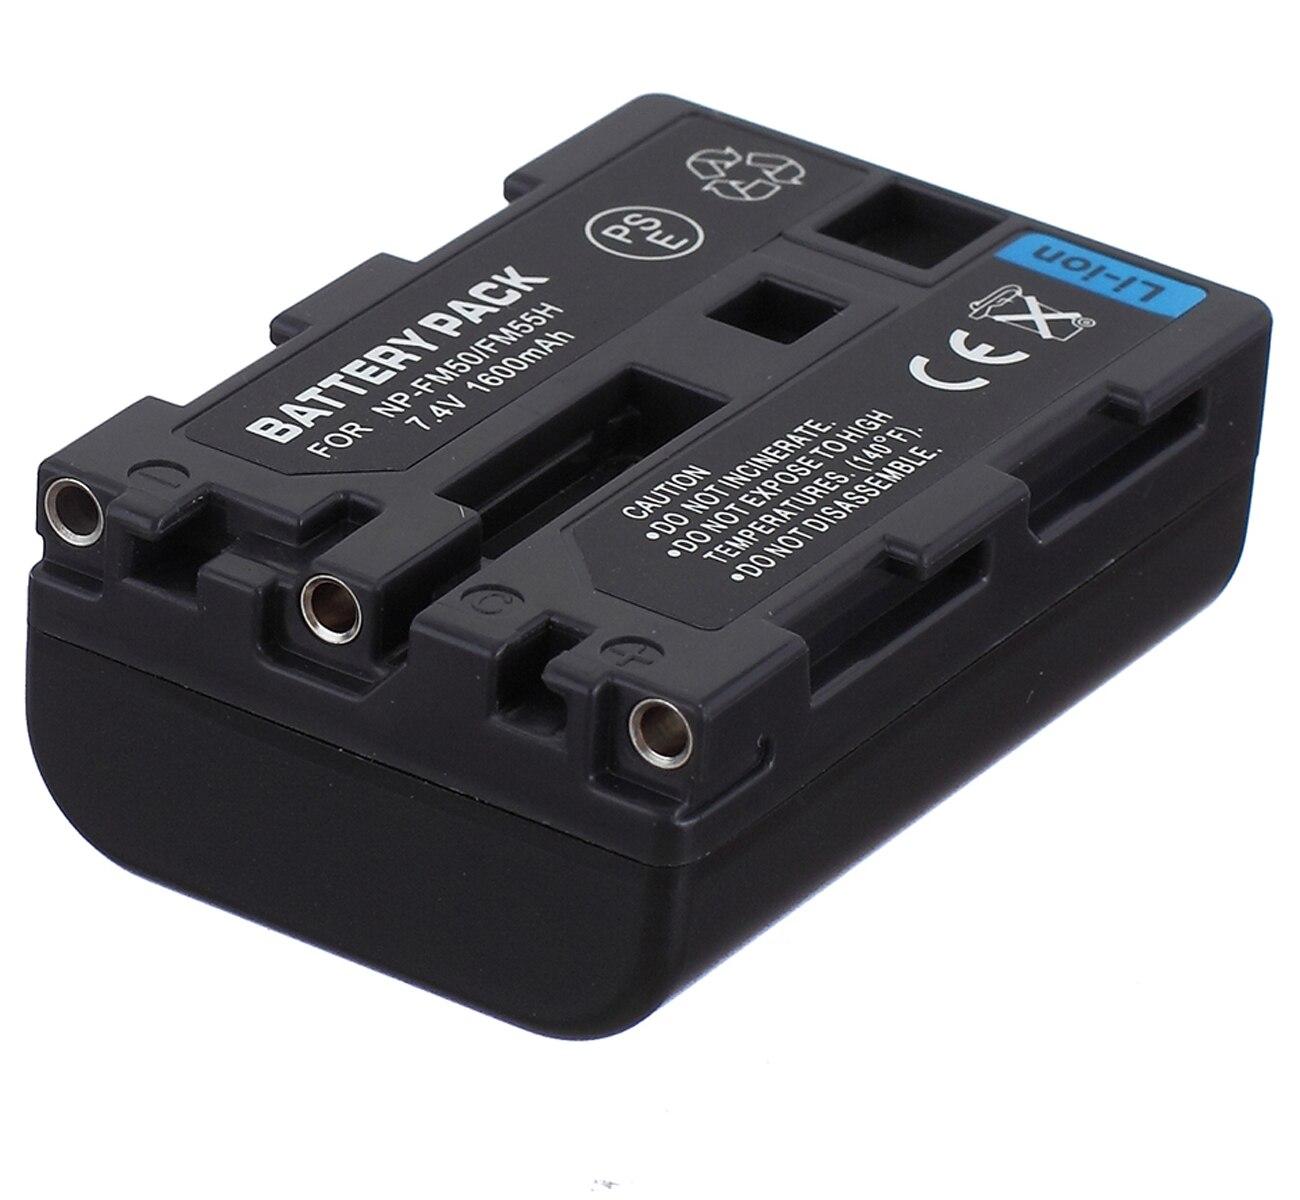 Paquete de batería para Sony DCR-TRV40E... DCR-TRV50E... DCR-TRV60E... DCR-TRV70E... DCR-TRV75E... DCR-TRV80E Cámaras...